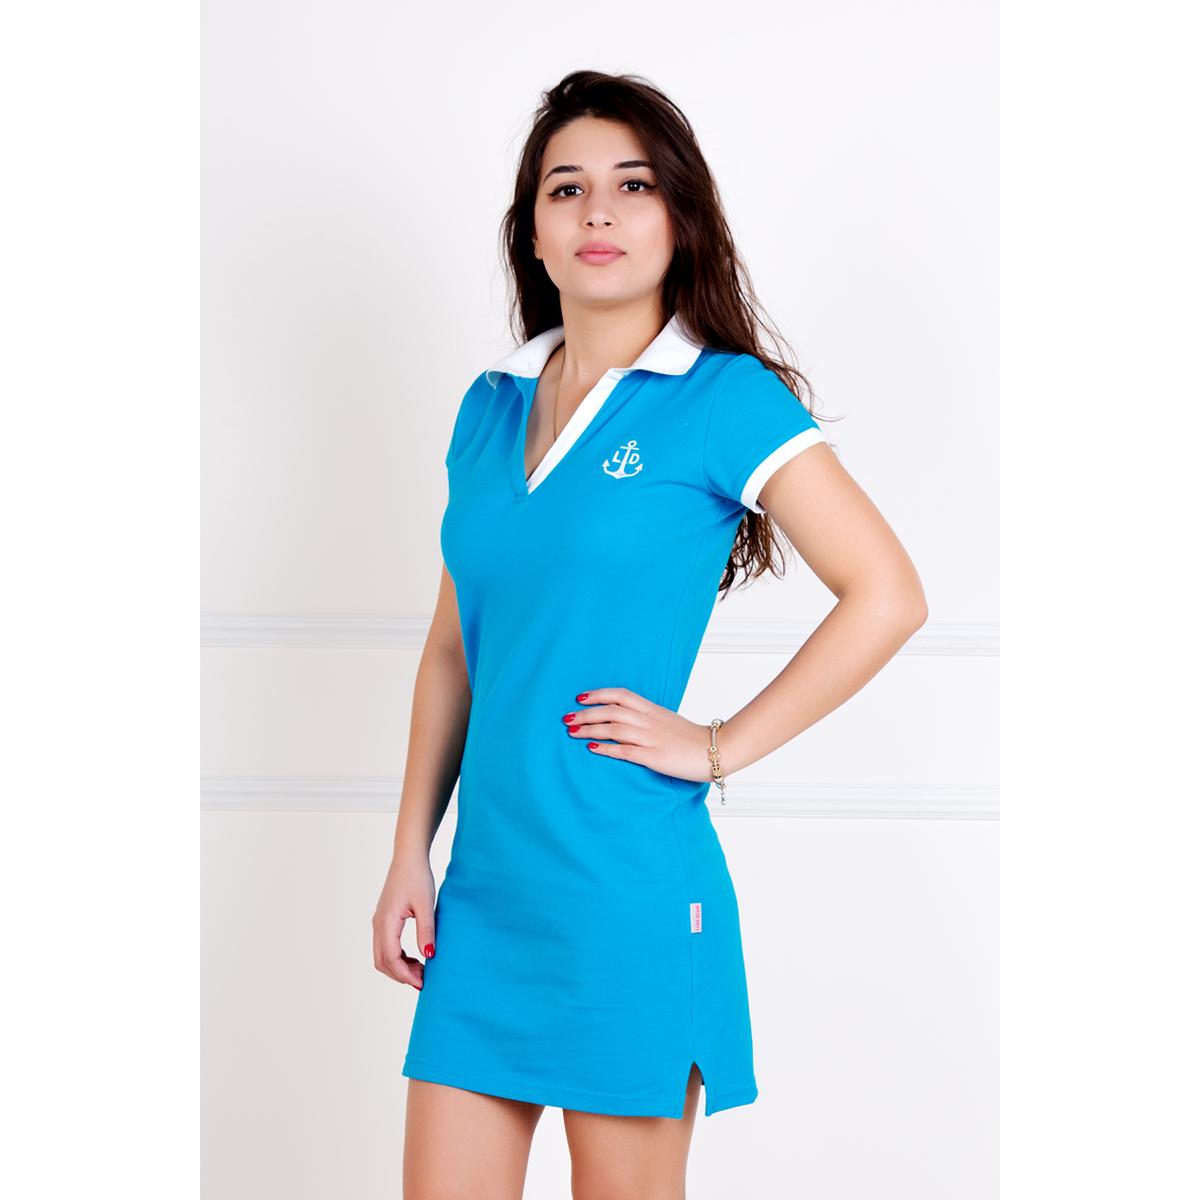 Женское платье Поло Голубой, размер 50Платья<br>Обхват груди:100 см<br>Обхват талии:82 см<br>Обхват бедер:108 см<br>Длина по спинке:96 см<br>Рост:167 см<br><br>Тип: Жен. платье<br>Размер: 50<br>Материал: Пике